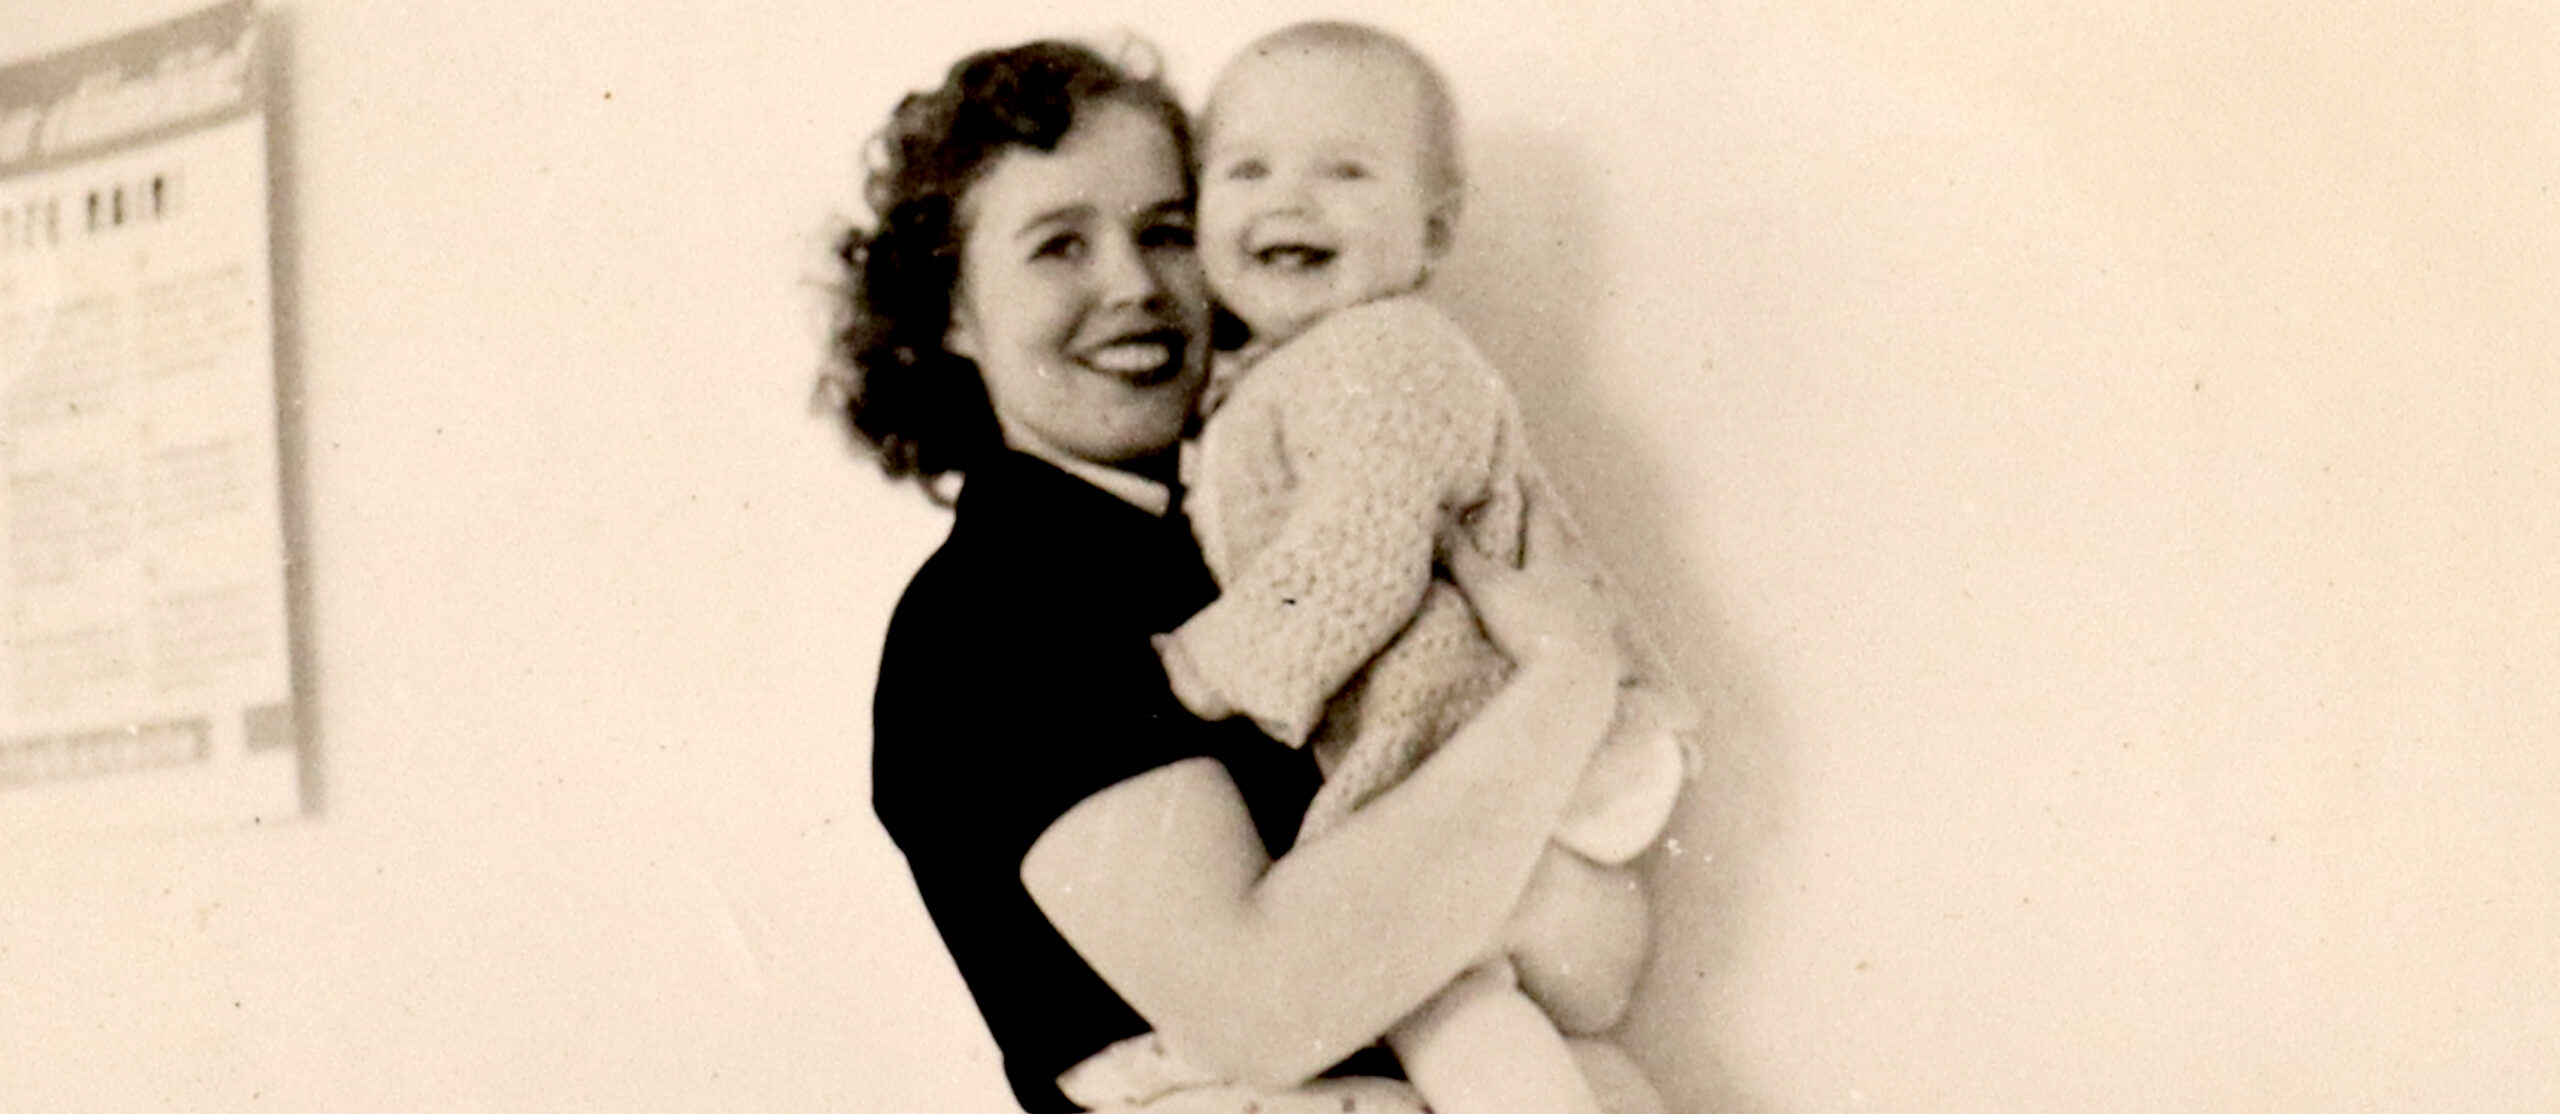 Turun ensikodin ensimmäinen äiti nautti levollisesta olosta vauvan kanssa